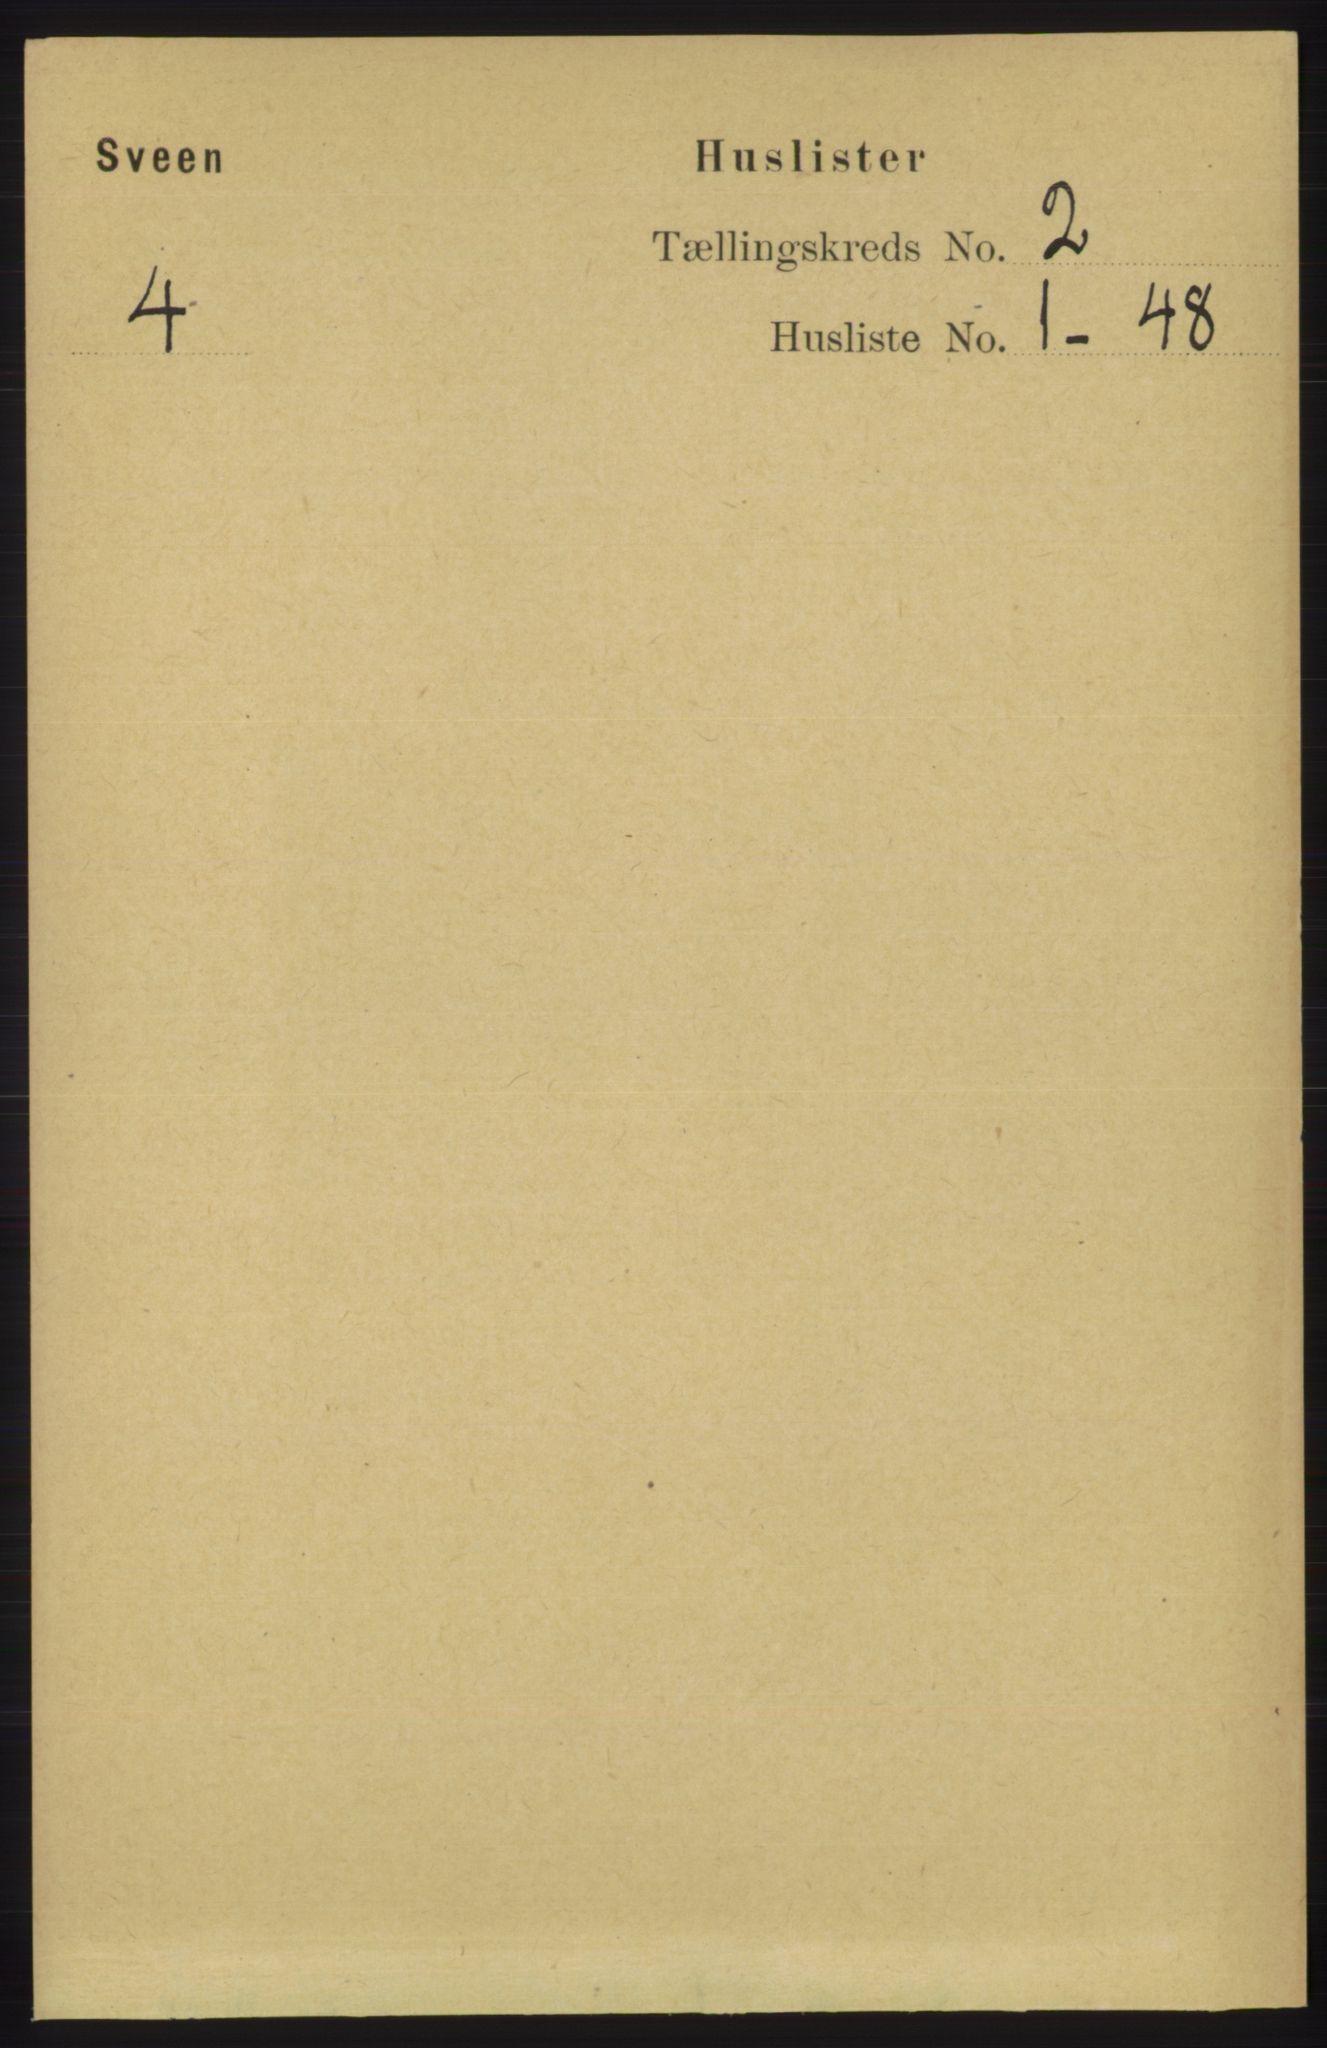 RA, Folketelling 1891 for 1216 Sveio herred, 1891, s. 464